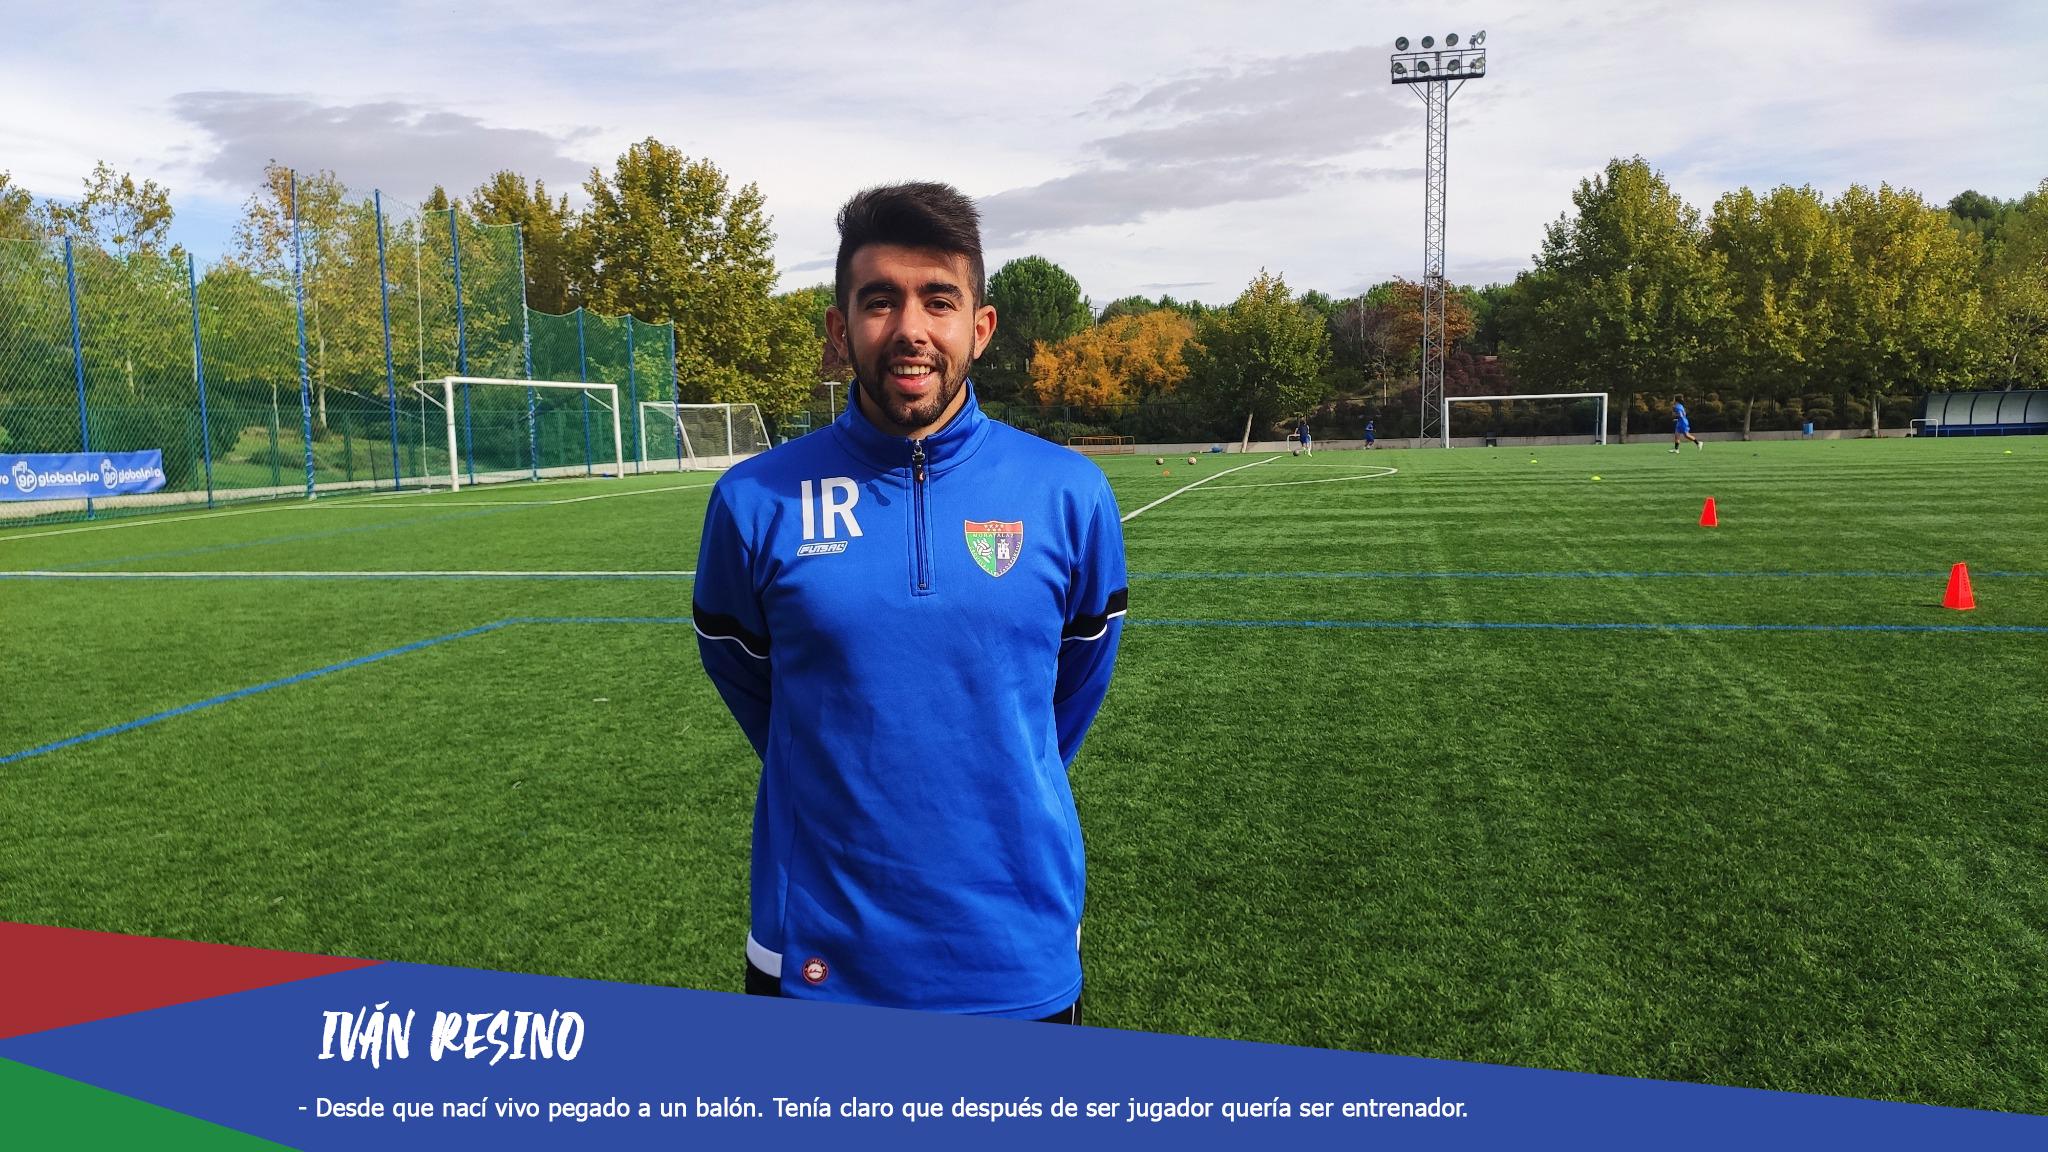 Entrevista | Iván Resino: «Desde que nací vivo pegado a un balón. Tenía claro que después de ser jugador quería ser entrenador»